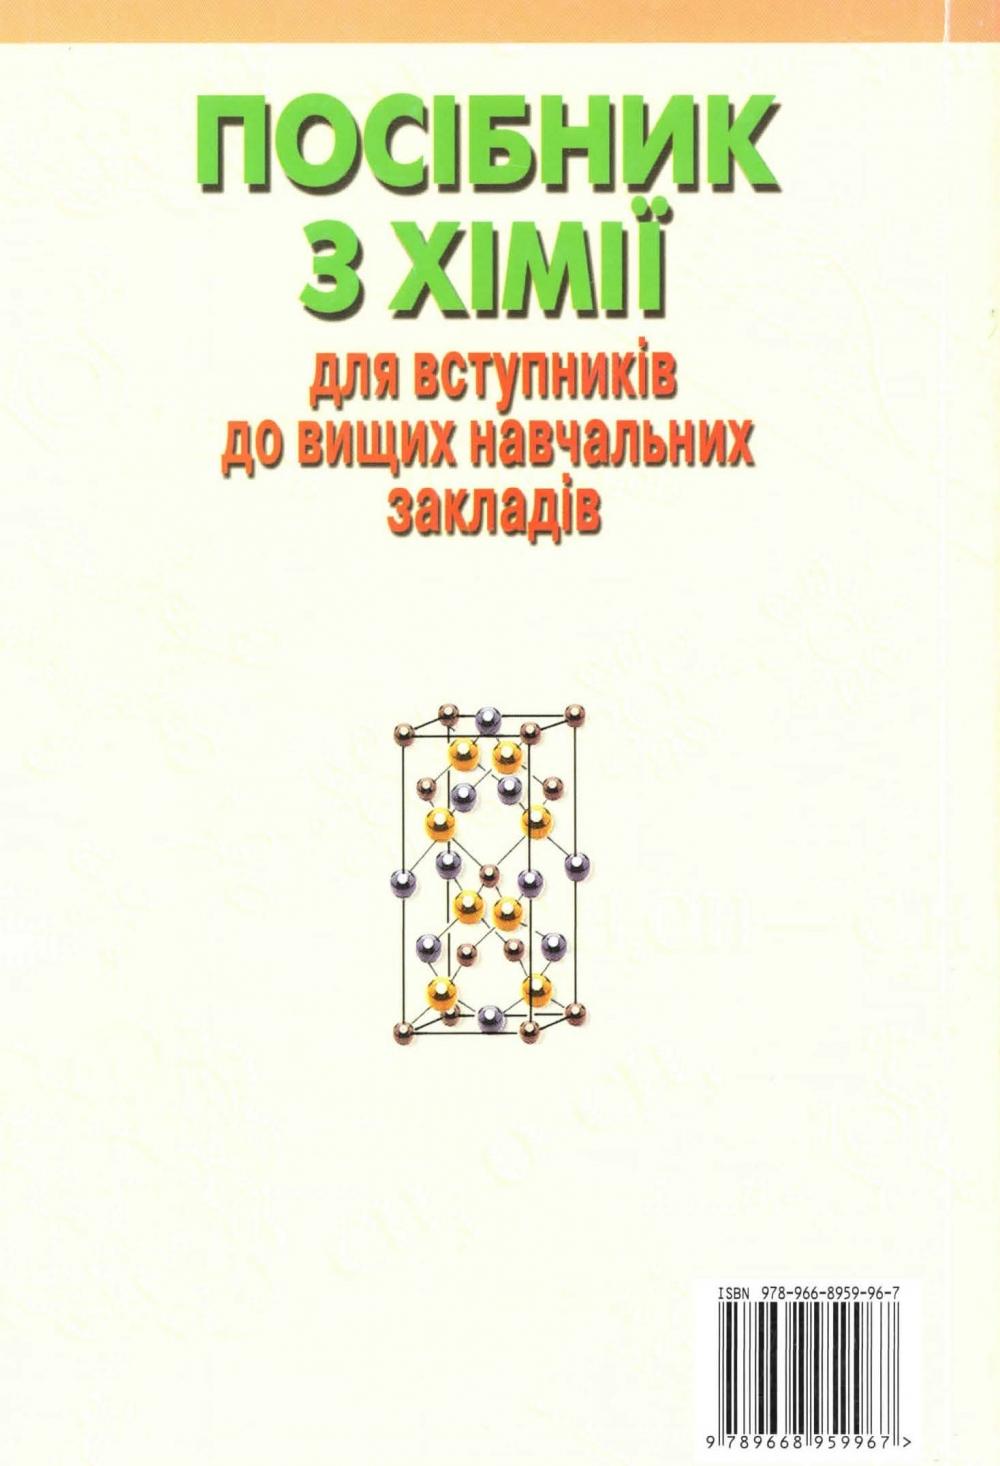 Посібник з хімії для вступників. Хомченко Г.  Вид-во: Арій. купити 15